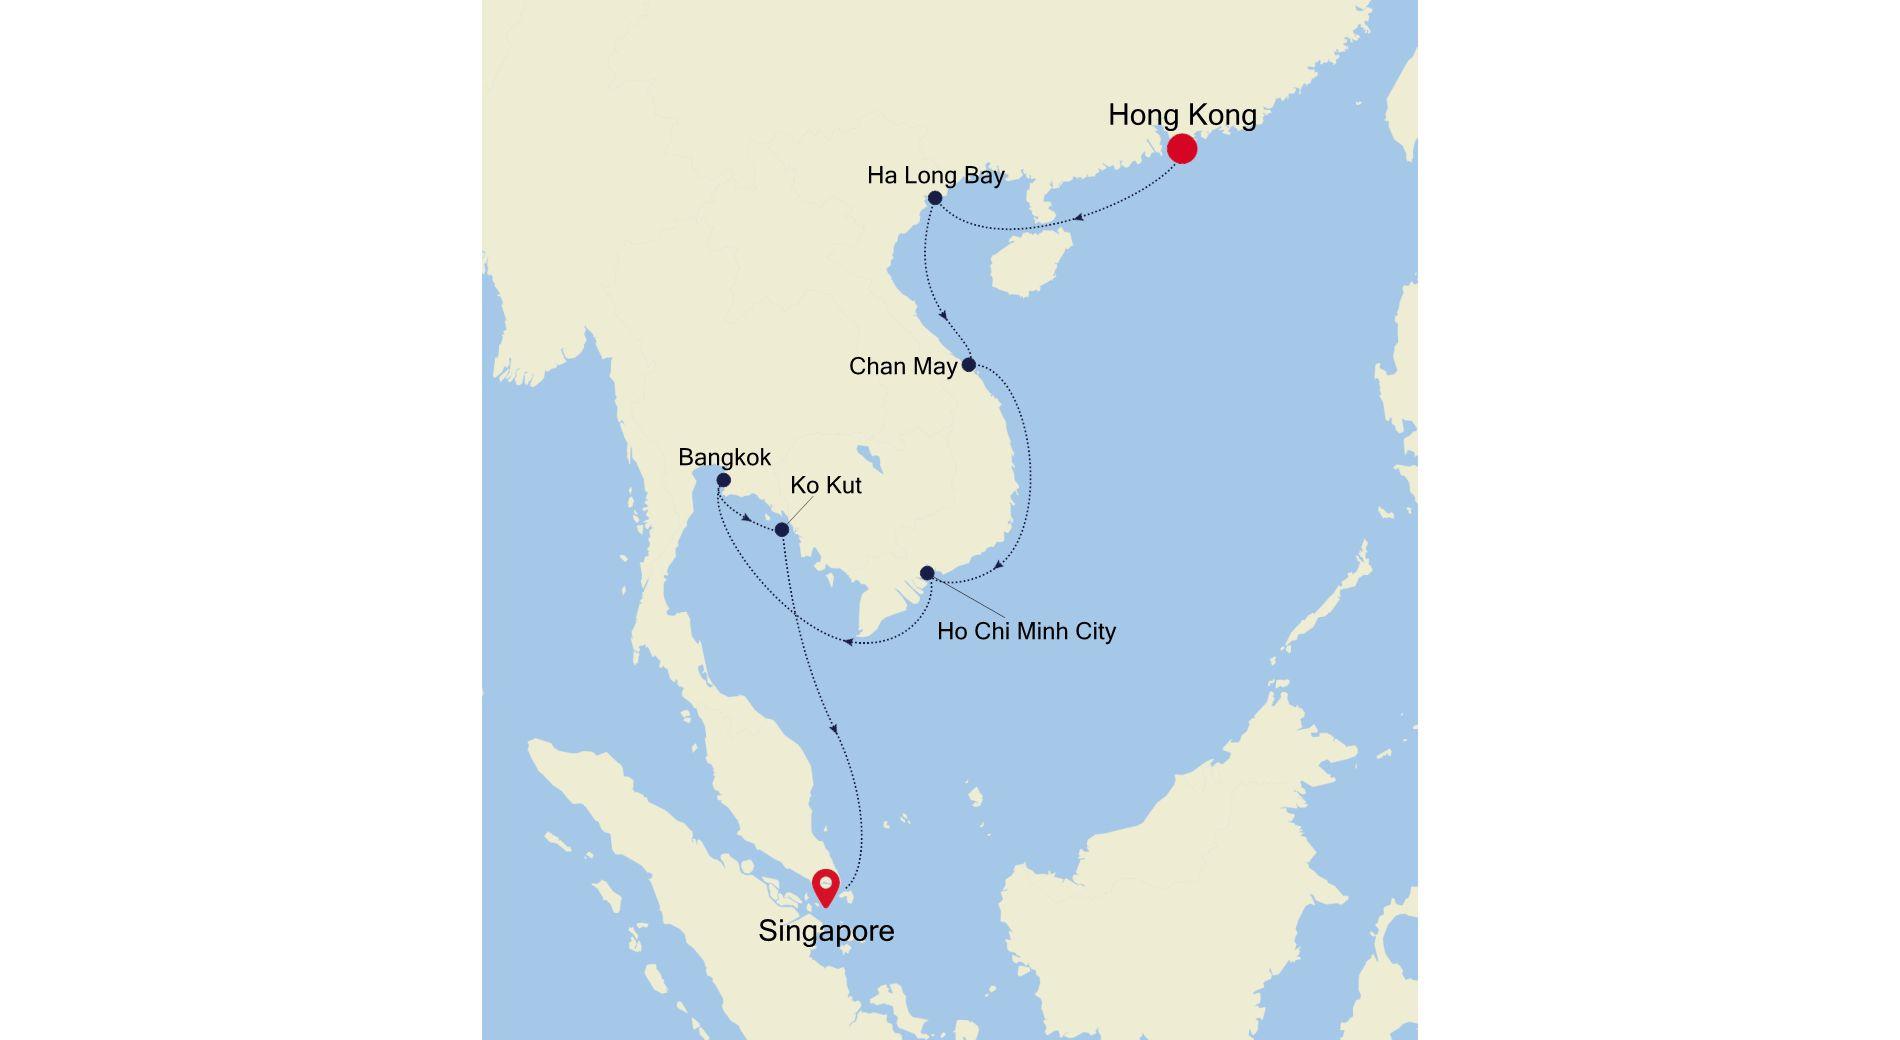 MO220131014 - Hong Kong à Singapore